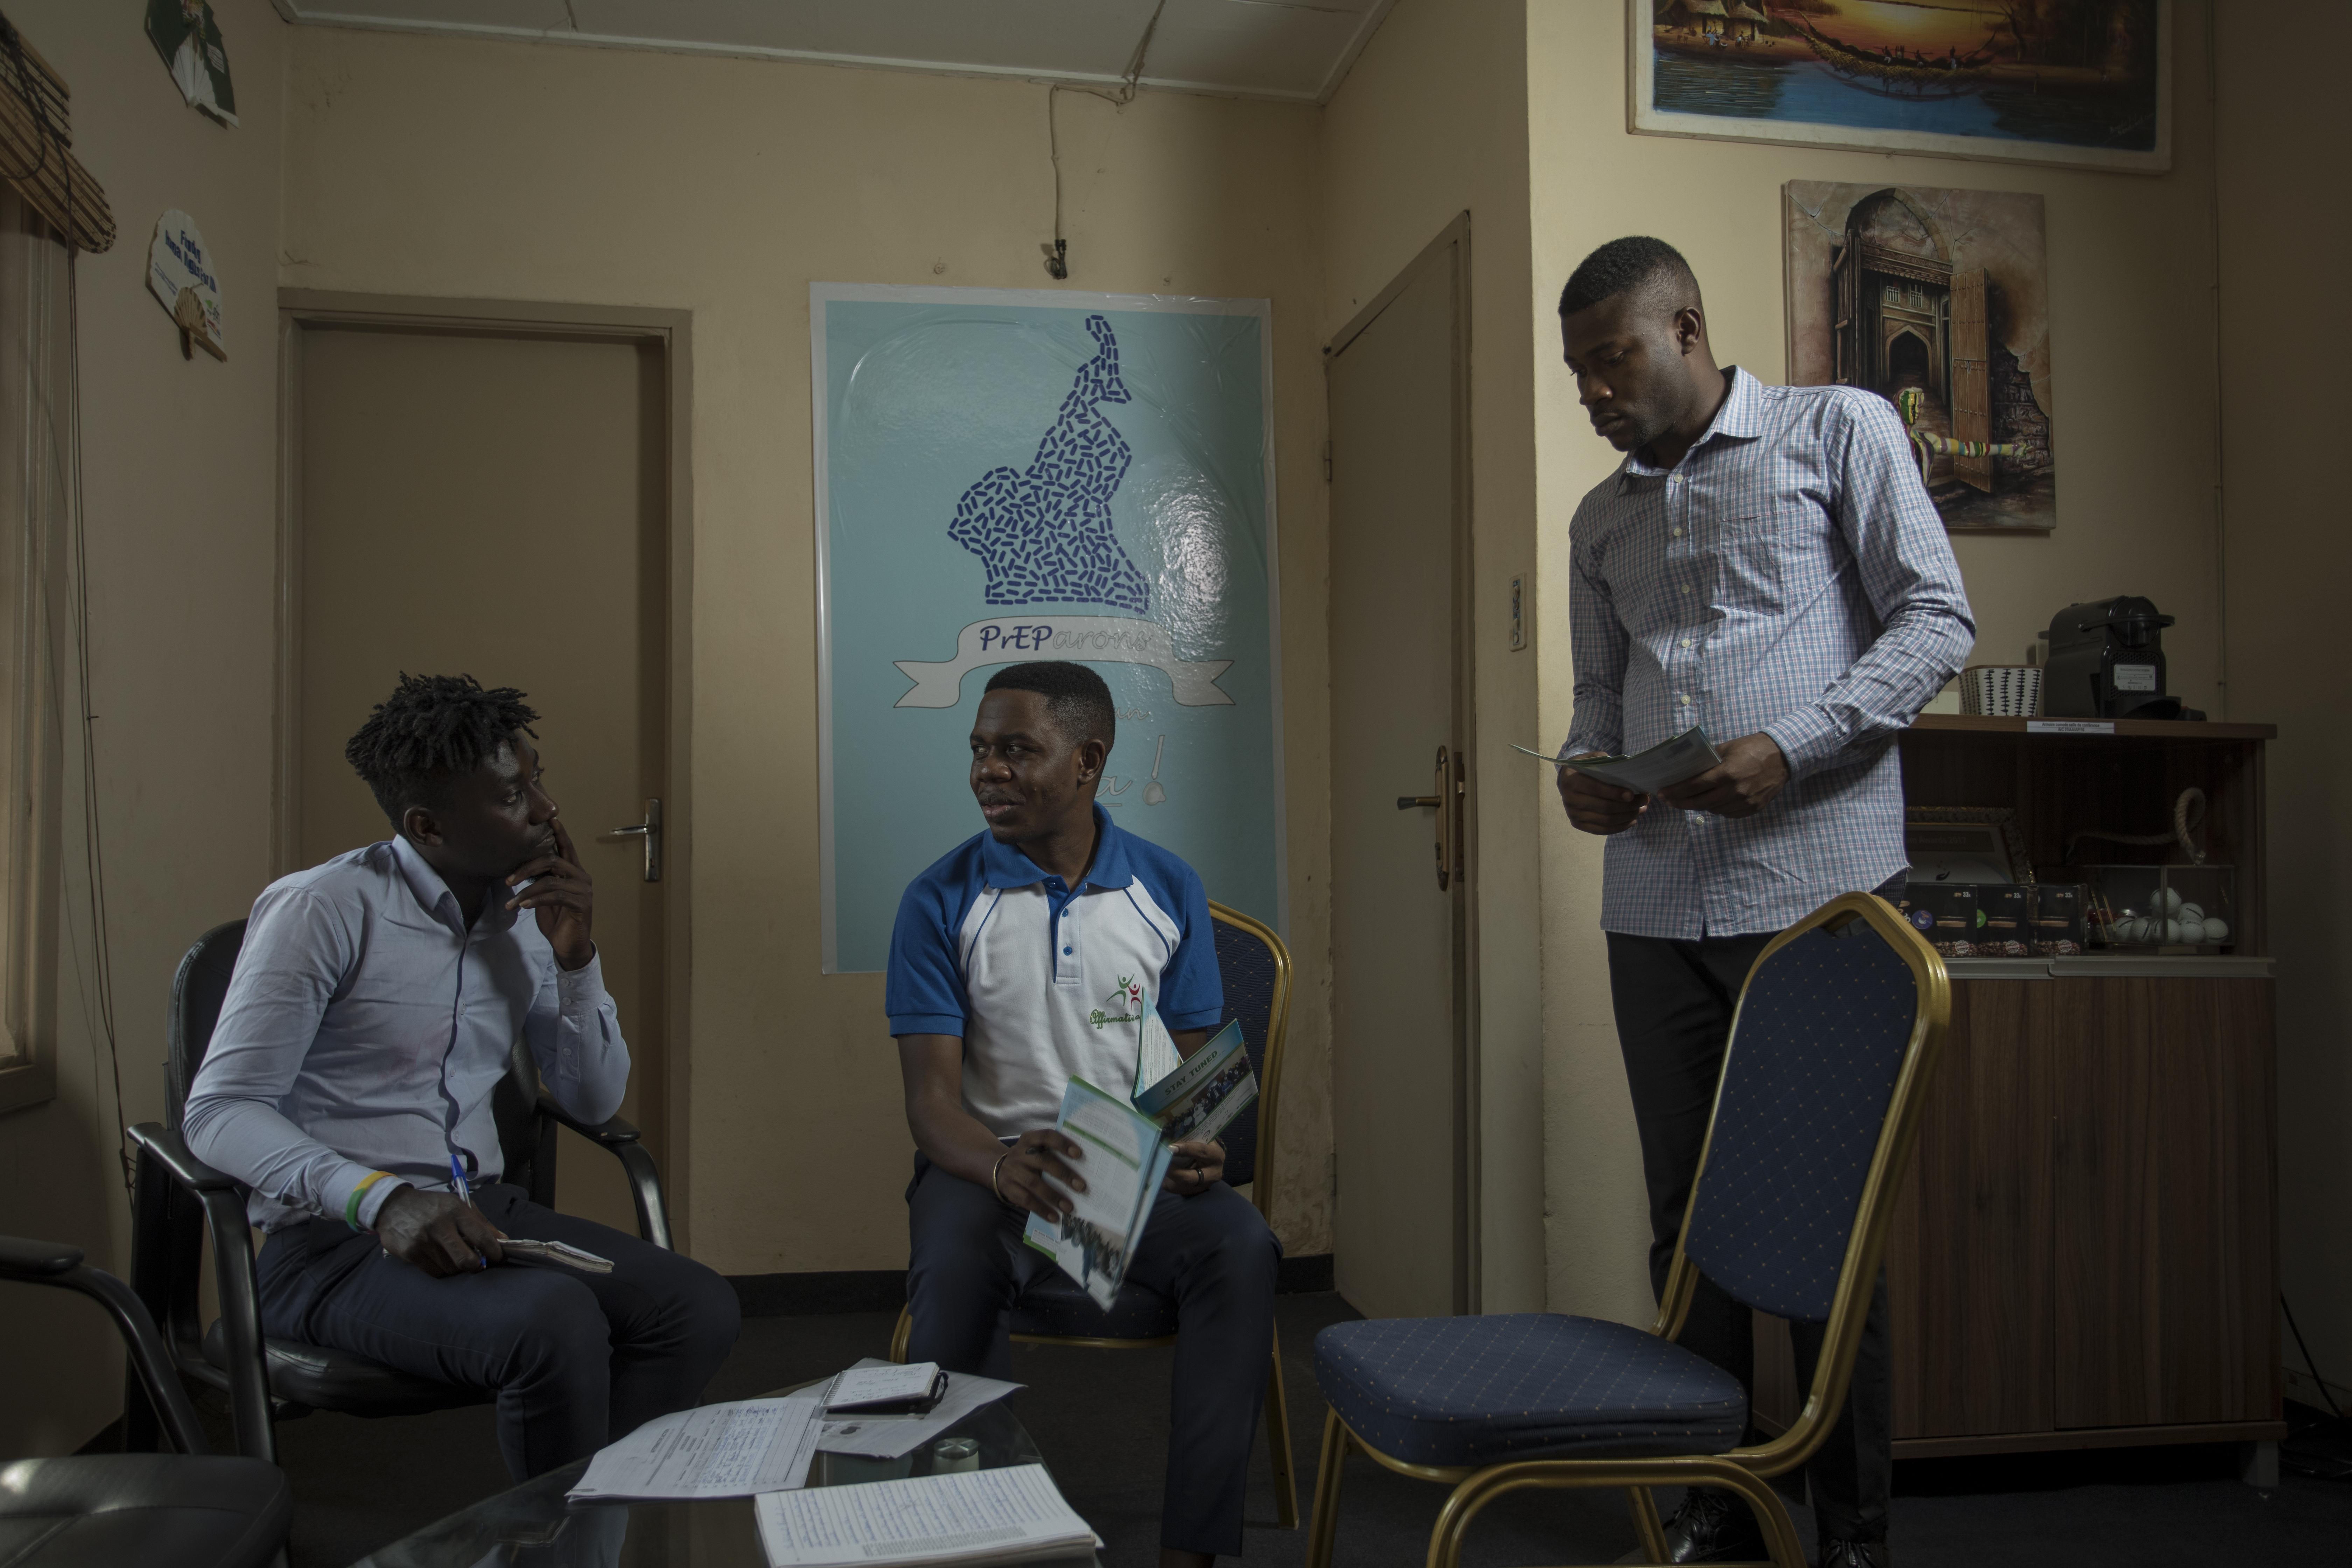 Il a animé une session de formation et de renforcement des capacités à l'intention des représentants des populations hautement vulnérables sur l'engagement de la communauté et le Mécanisme mondial de la société civile.